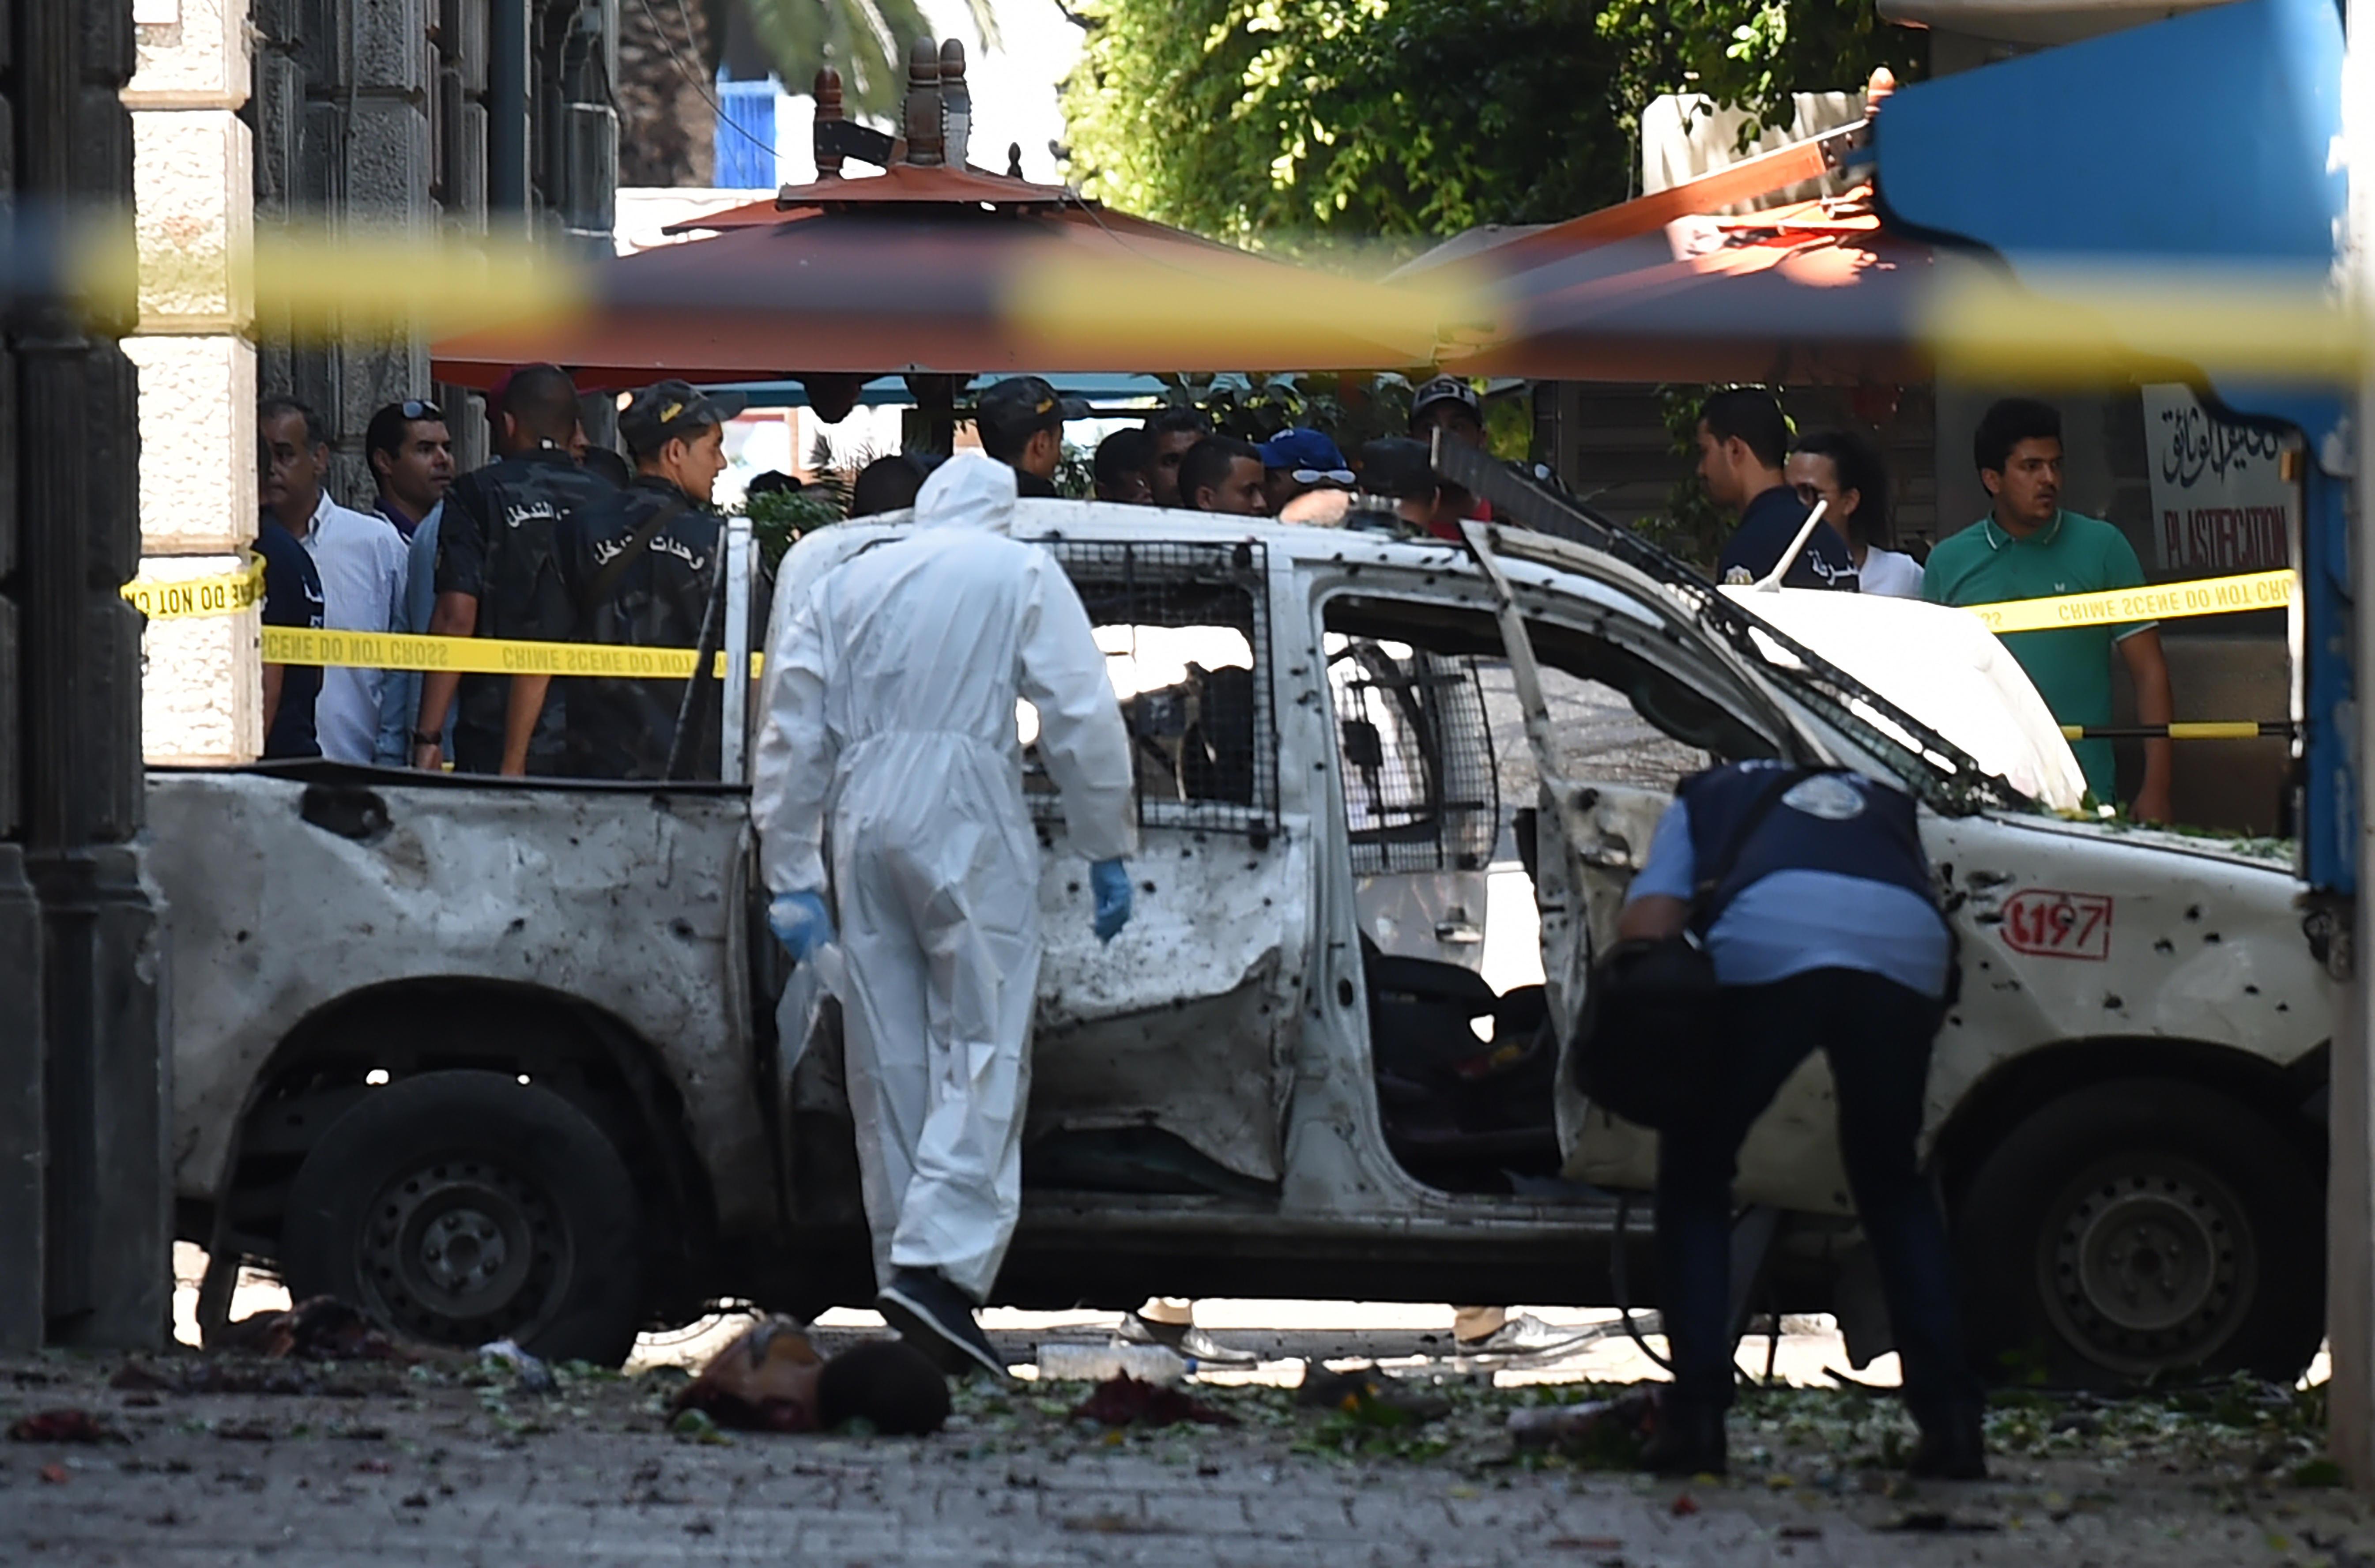 Tunisi, due attentati suicidi contro la polizia: un morto e diversi feriti